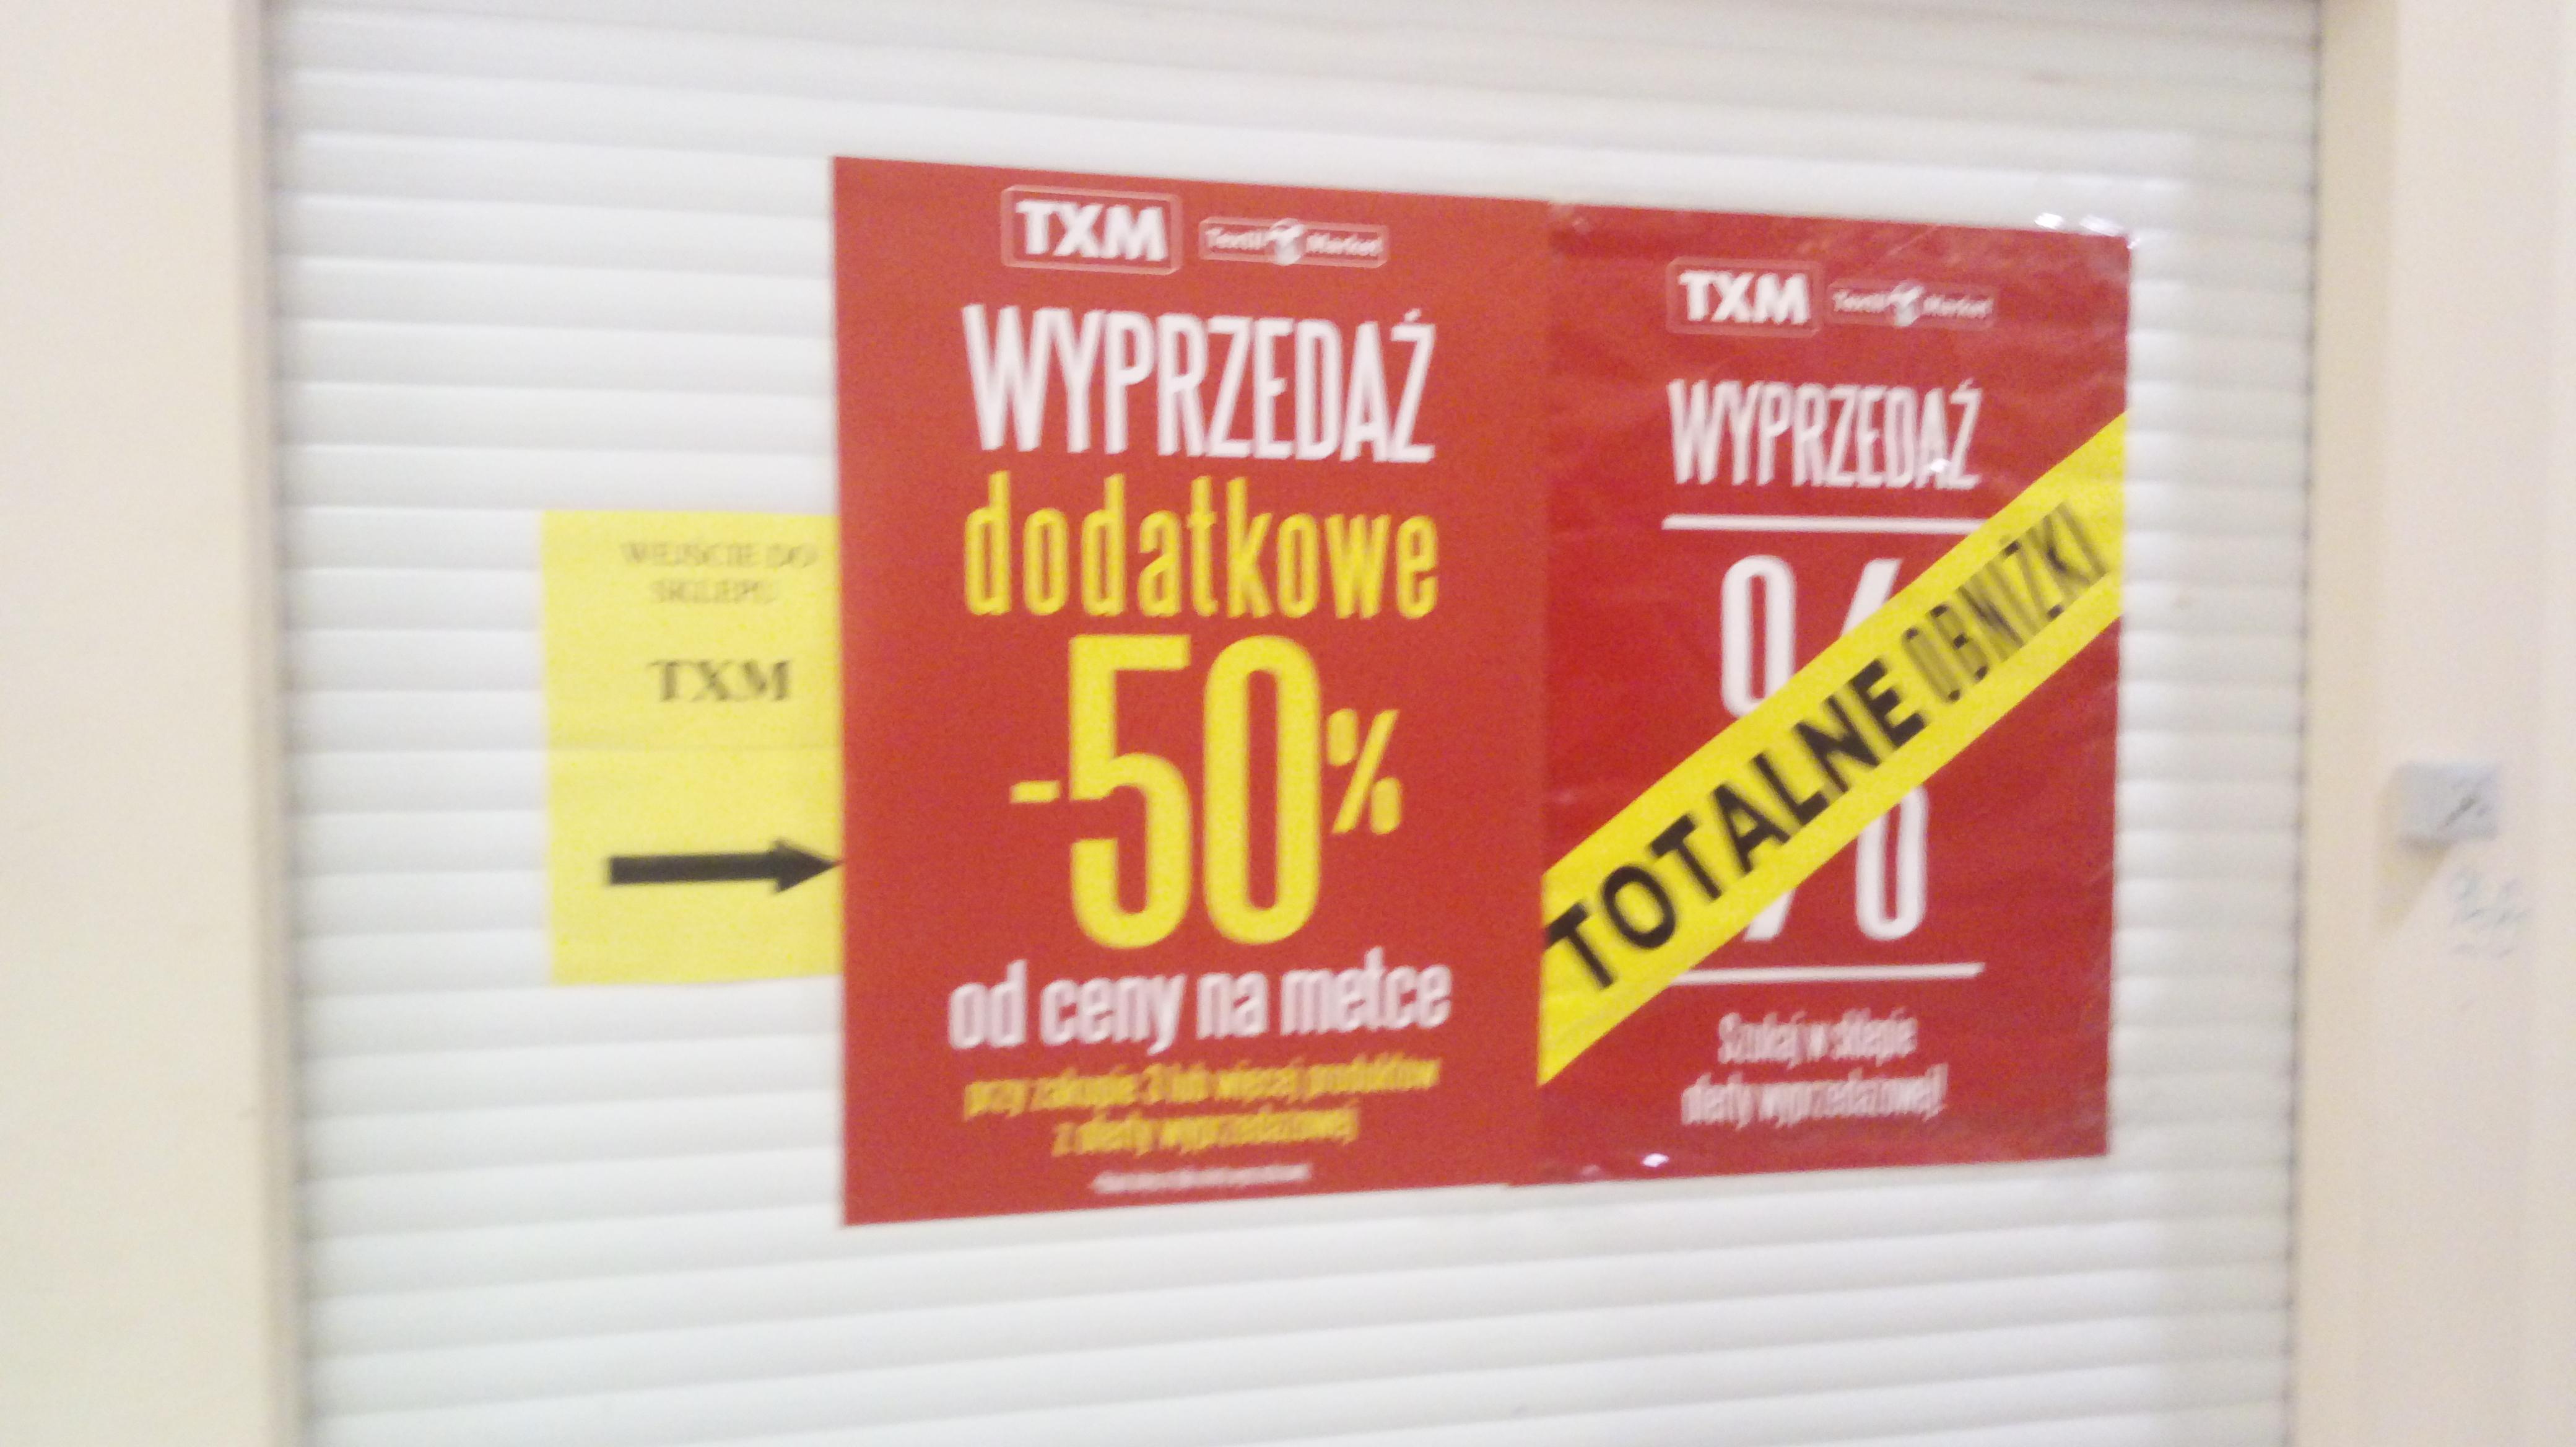 dodatkowe 50% rabatu na produkty wyprzedażowe - TXM